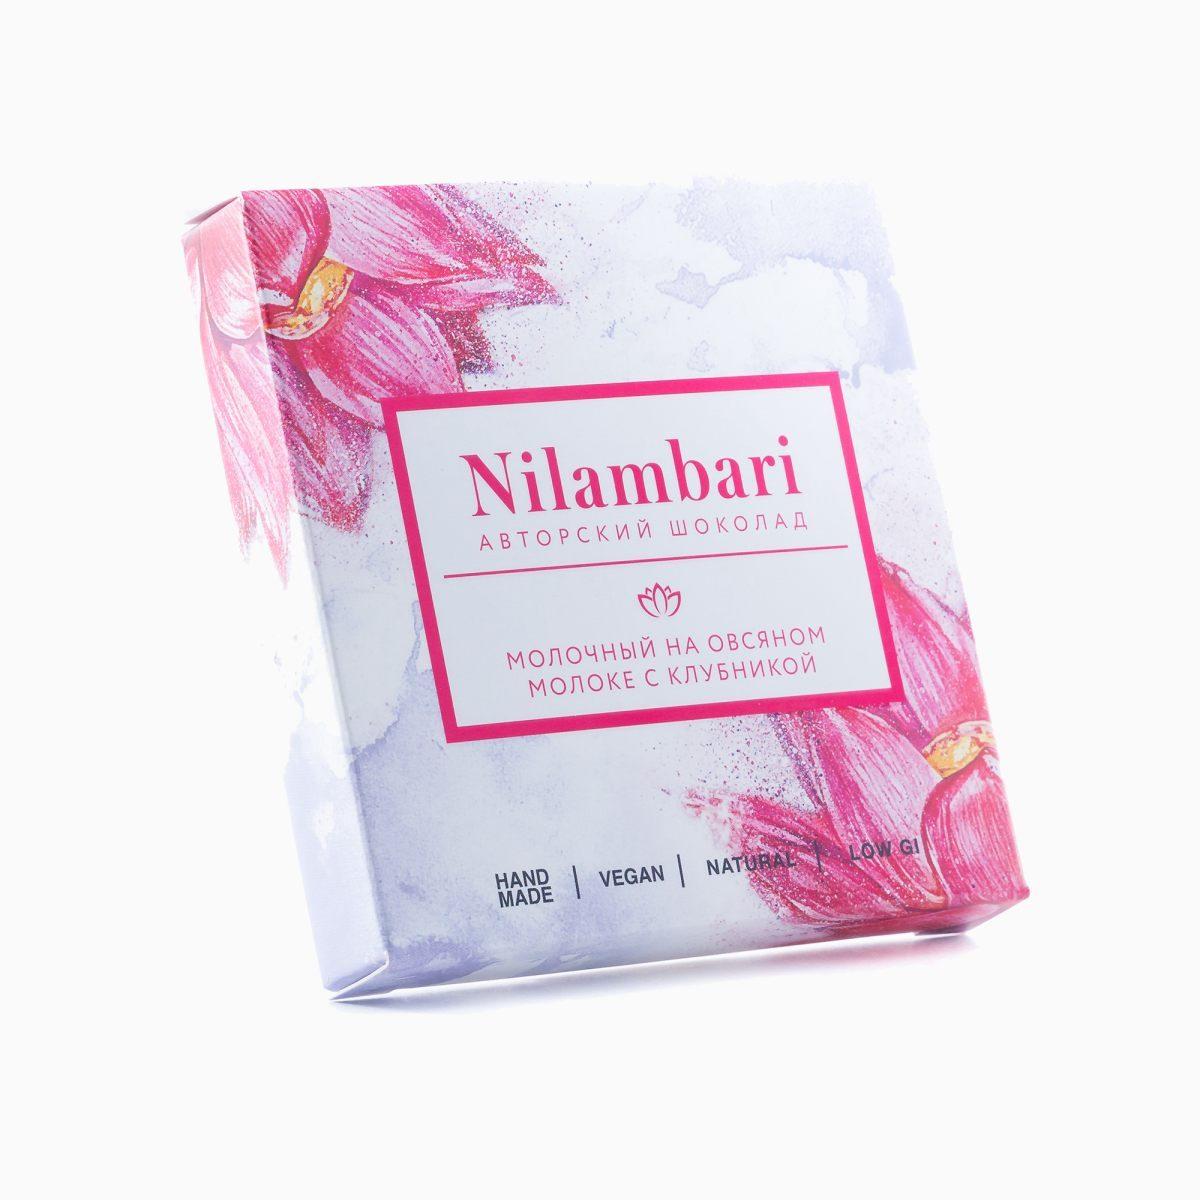 Шоколад молочный на овсяном молоке с клубникой, Nilambari, 65 г